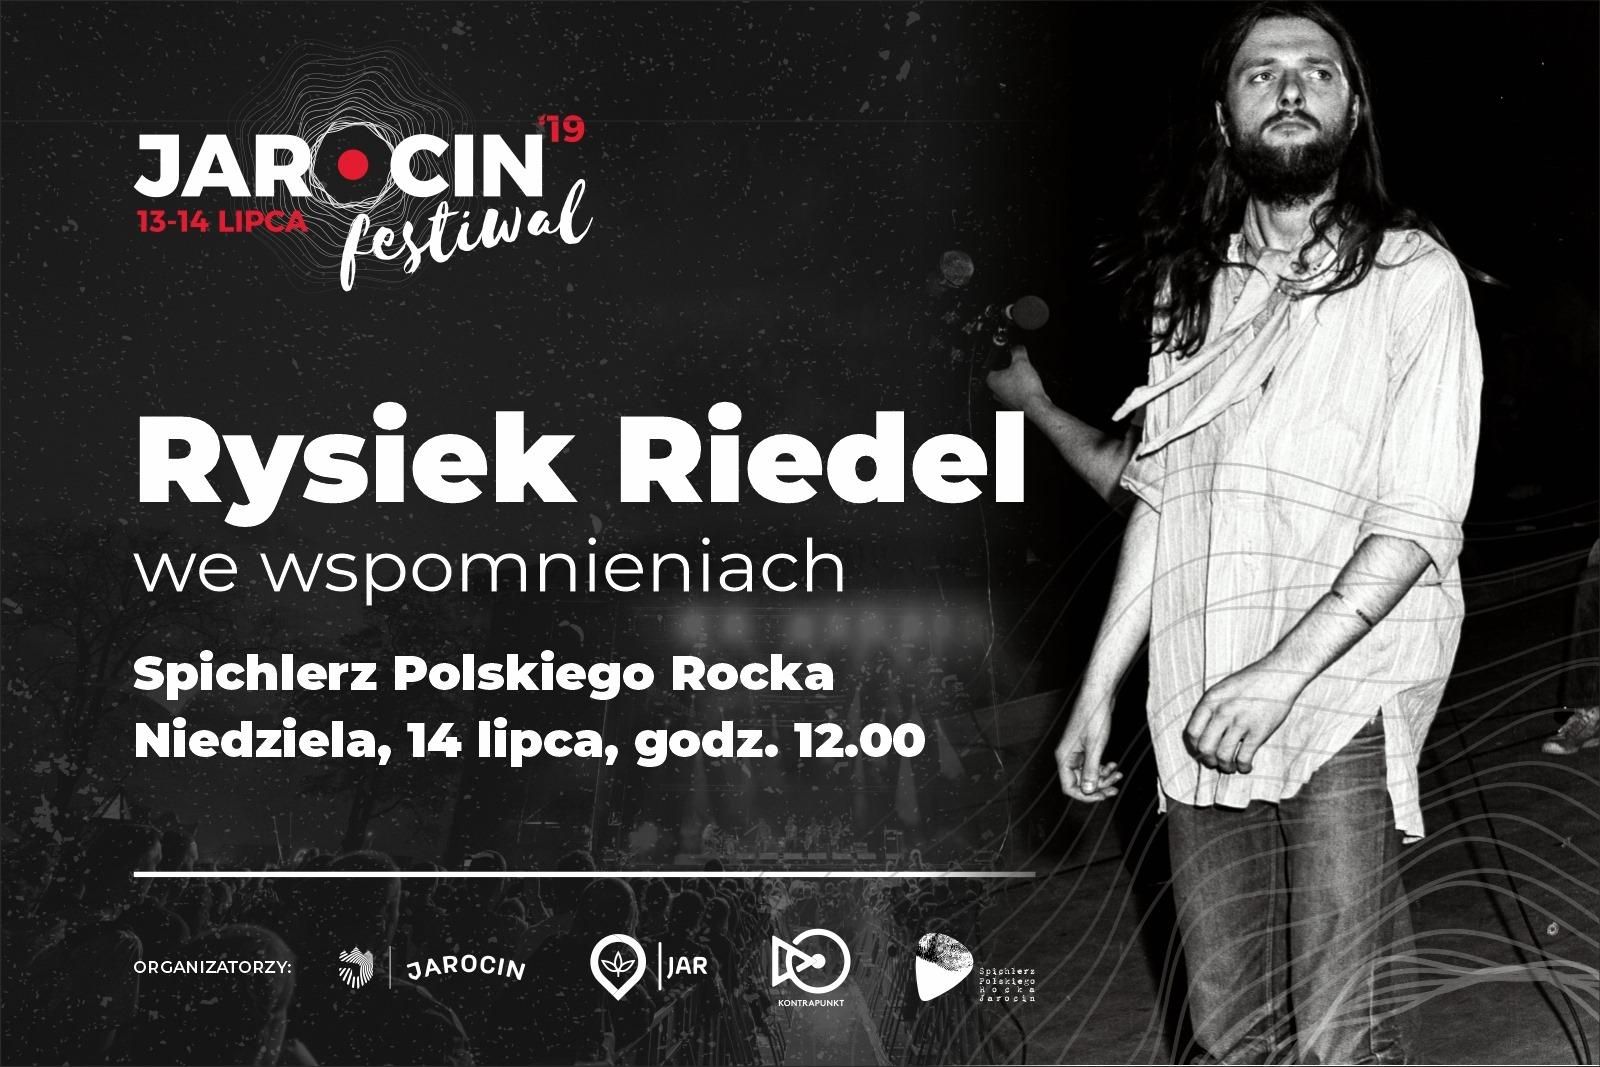 """""""Rysiek Riedel we wspomnieniach"""" – 14.07.2019 r. w SPR. Zapraszamy!"""